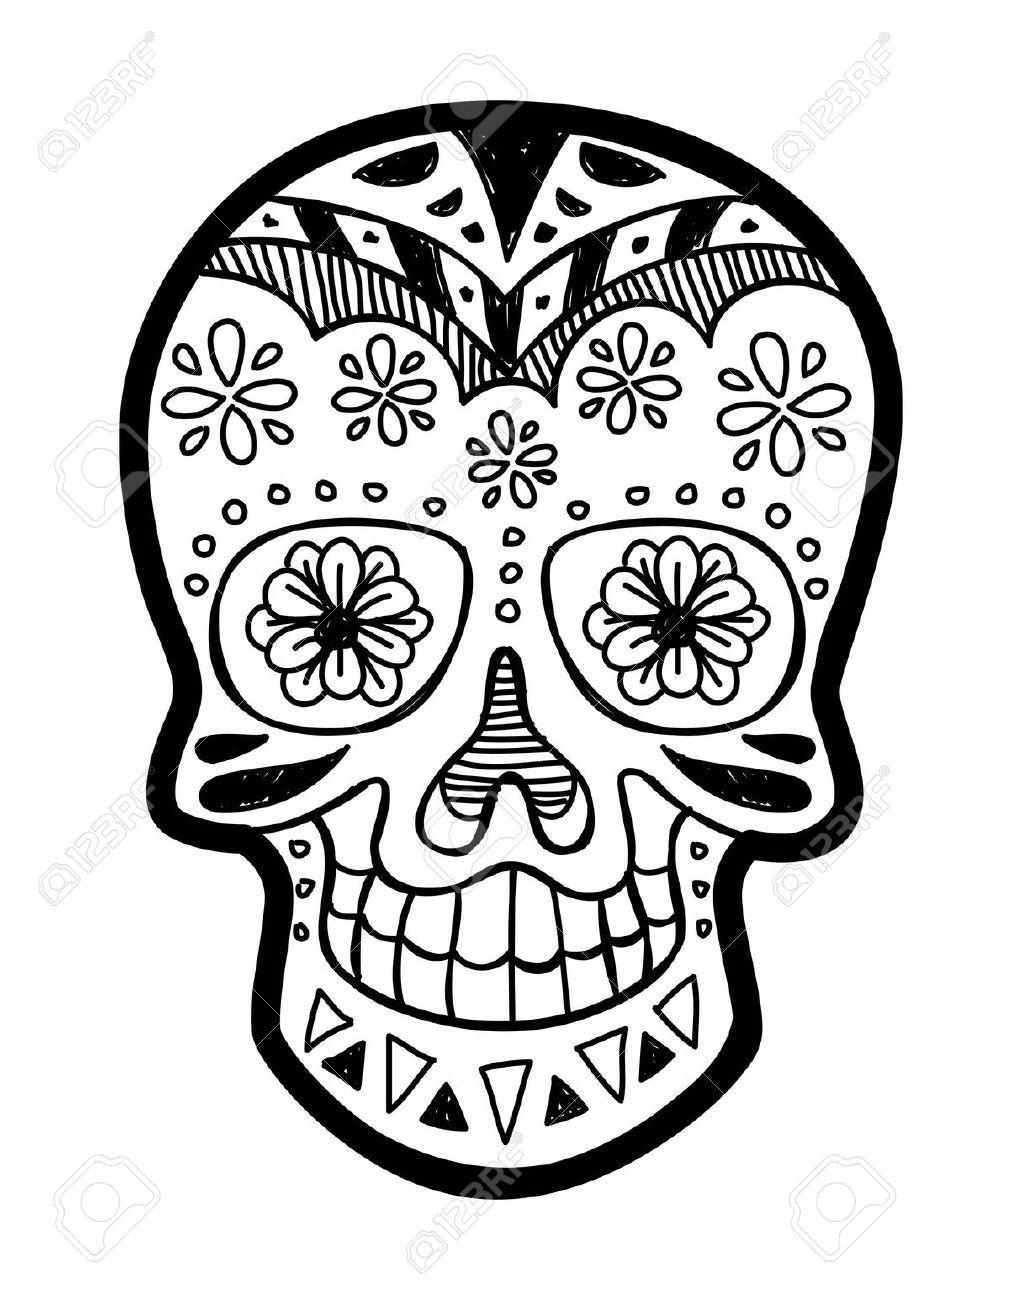 Sugar Skull Skull Coloring Pages Sugar Skull Images Sugar Skull Sleeve